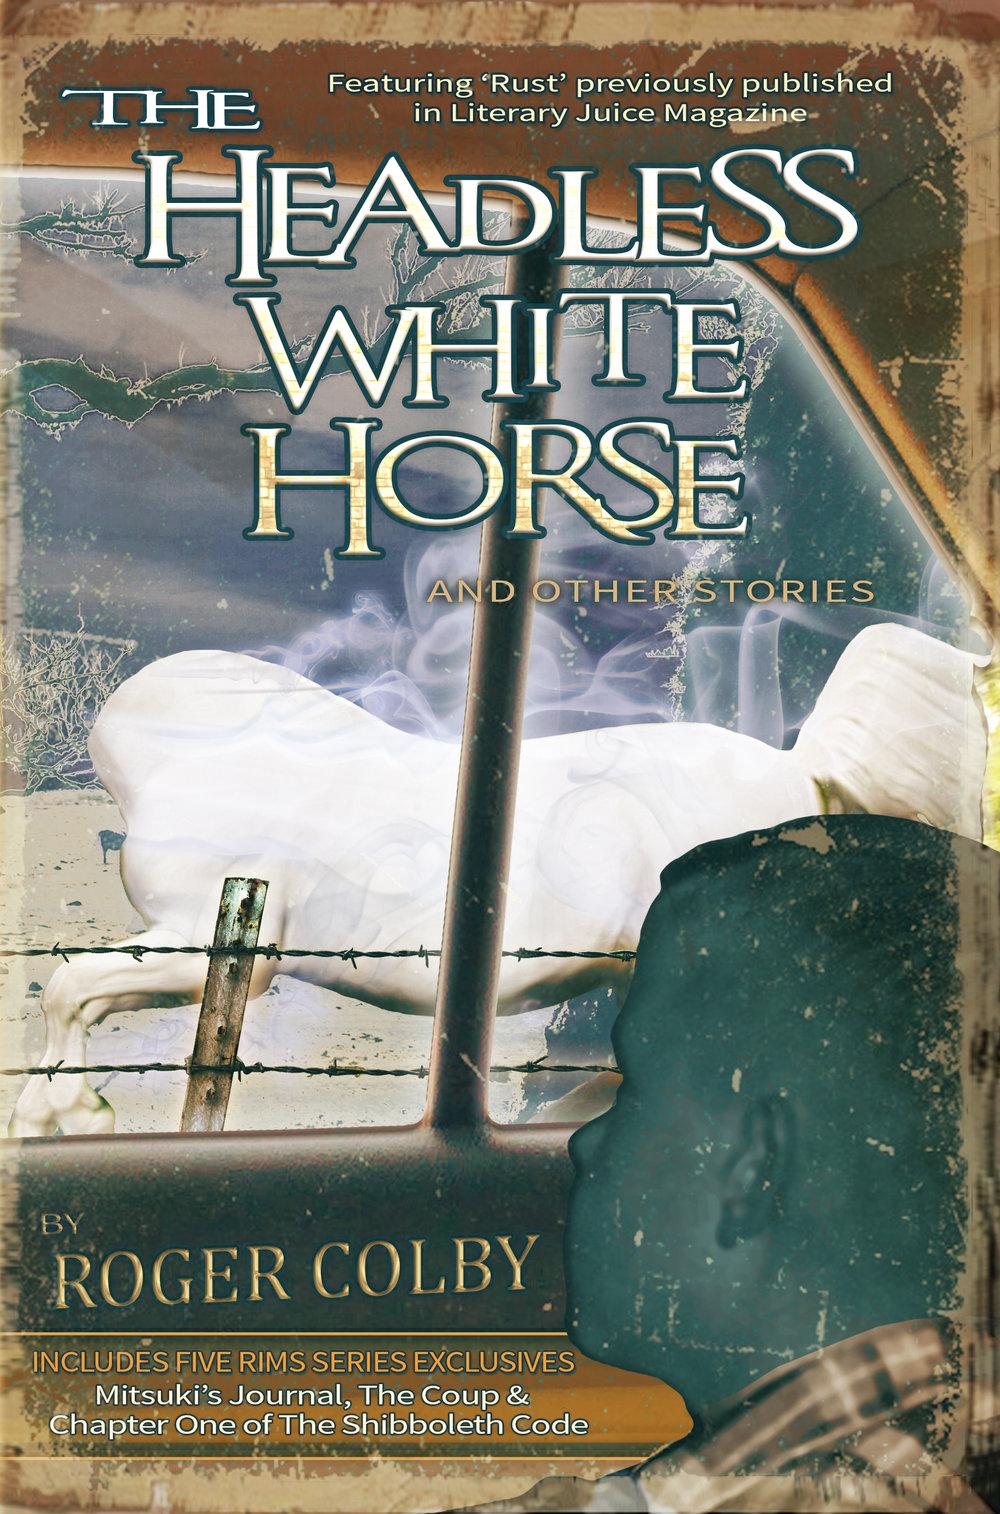 Headless white horse.jpg